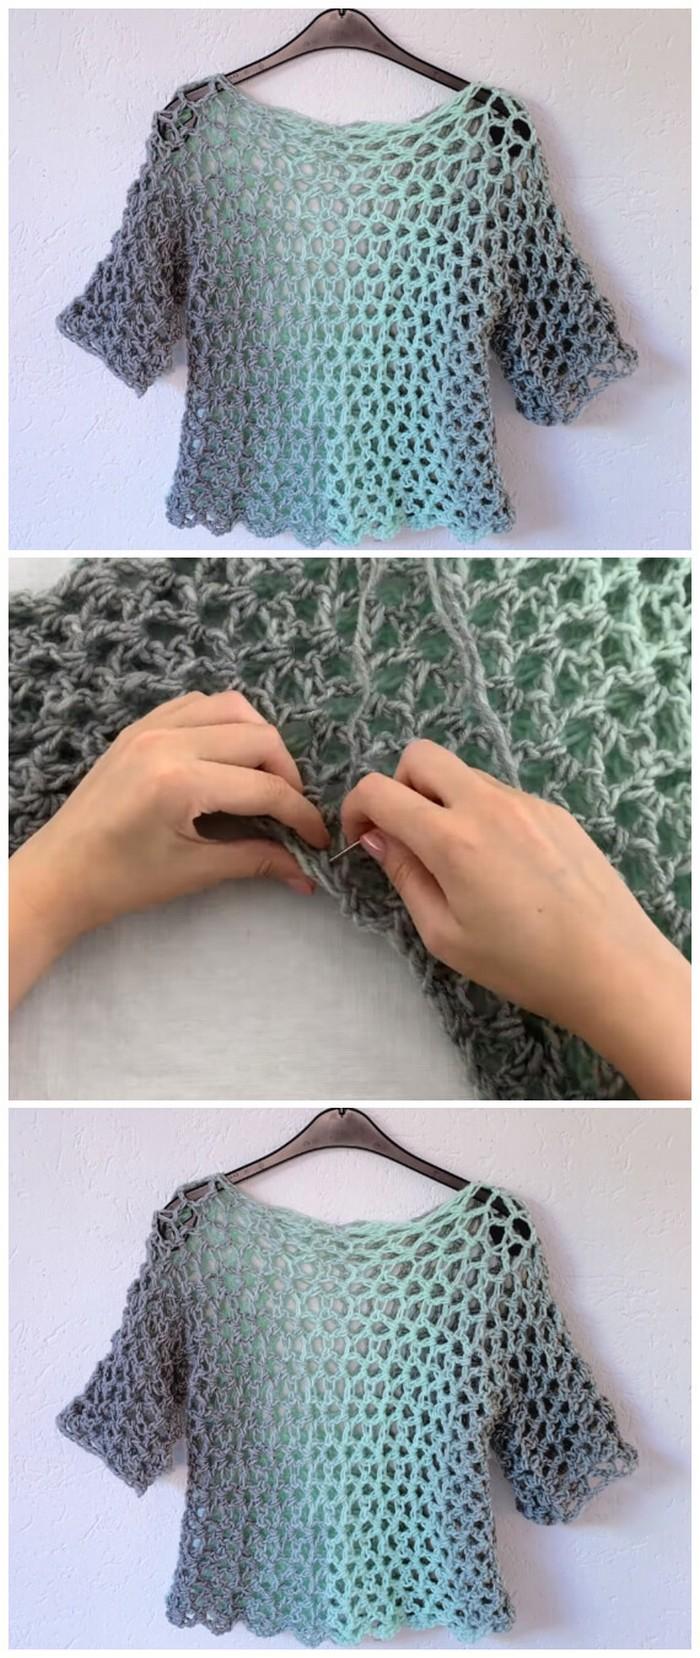 Stylish Net Design Shirt Free Crochet Pattern